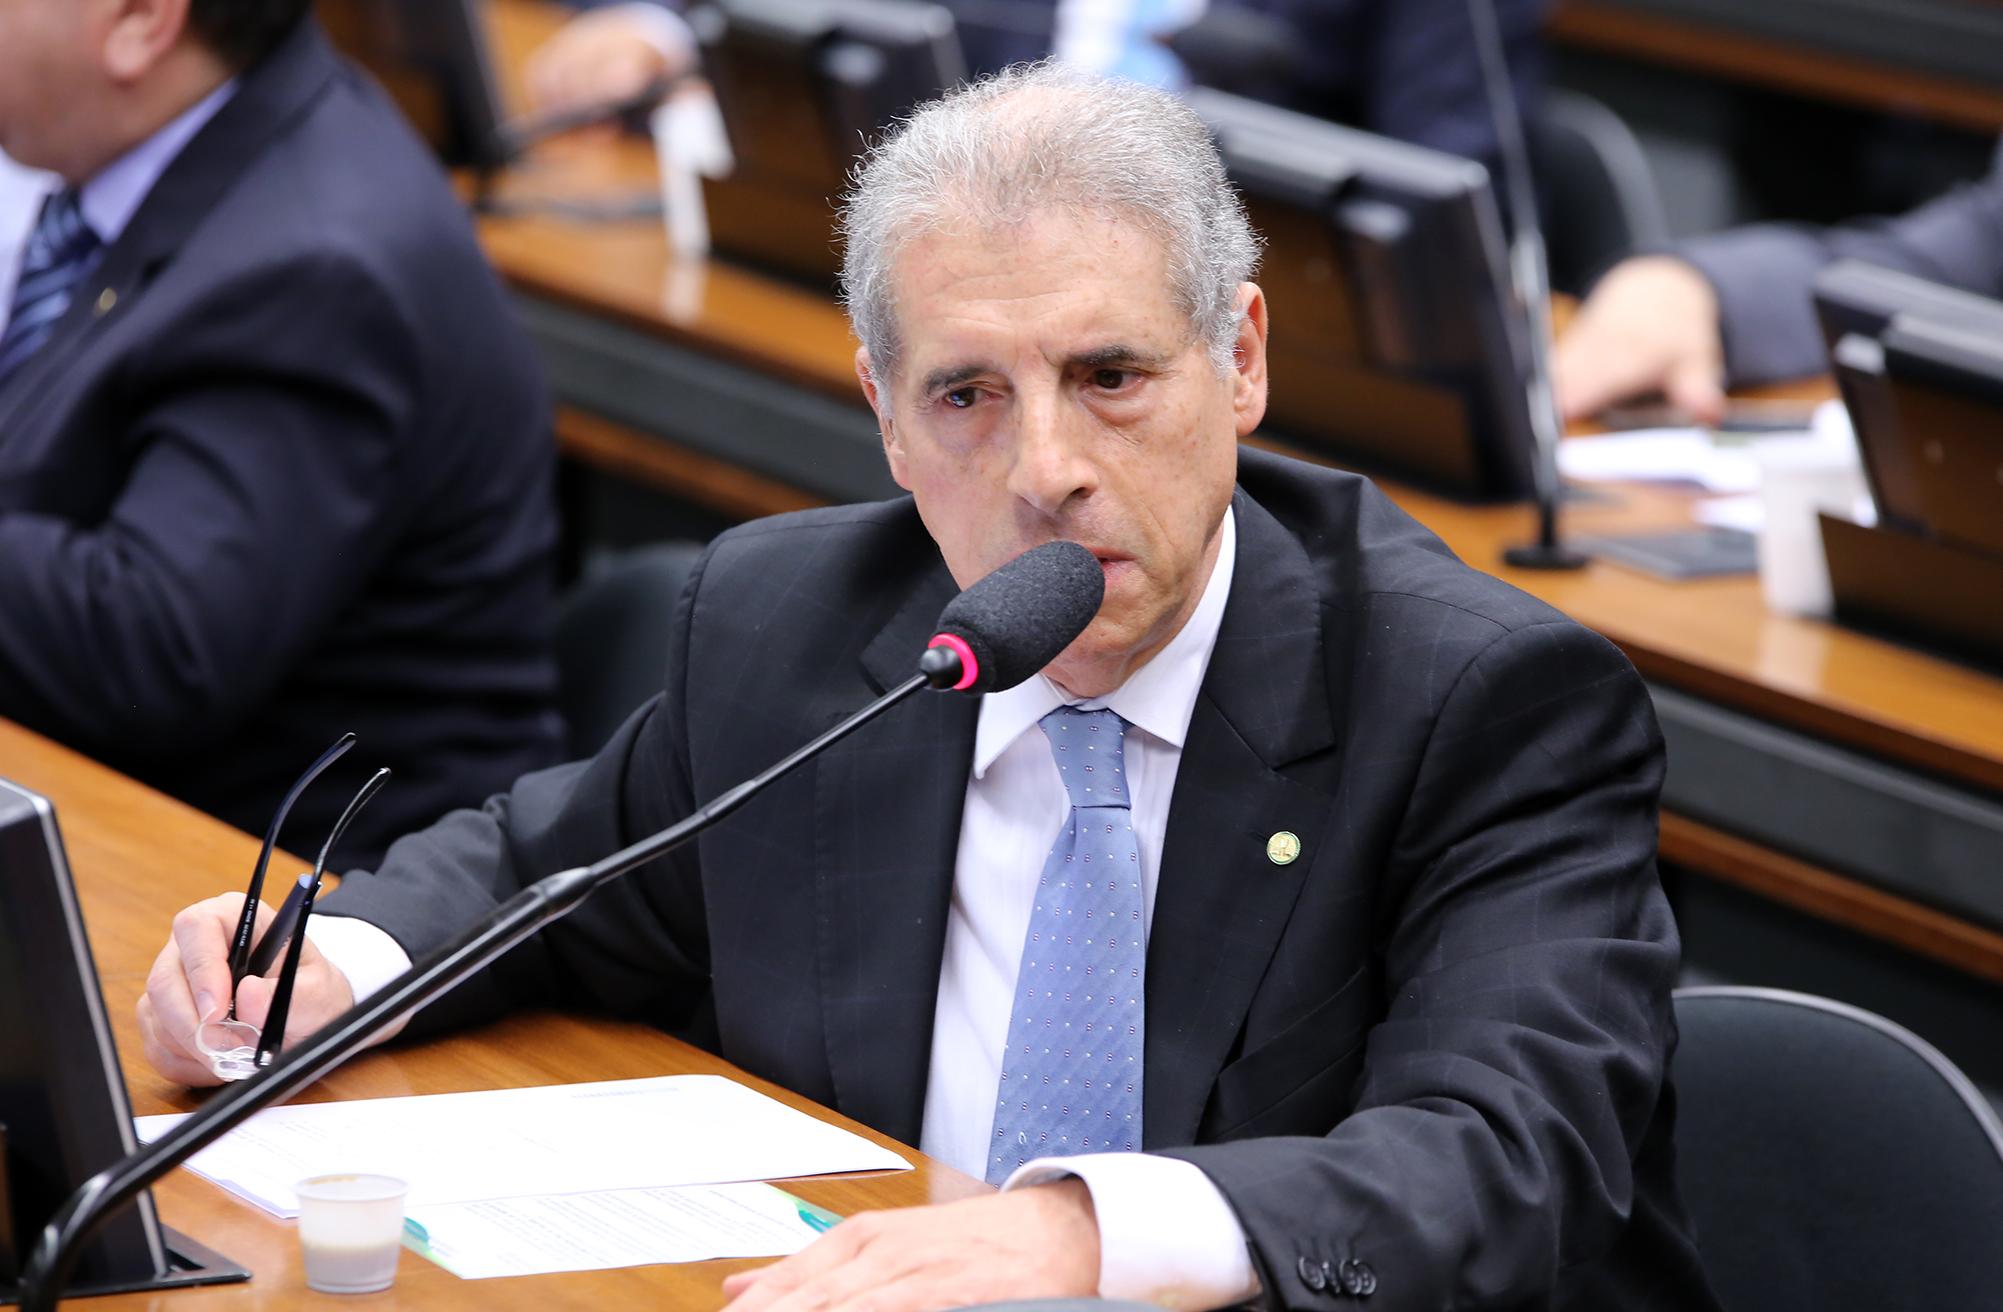 Reunião Ordinária. Dep. José Fogaça (PMDB-RS)